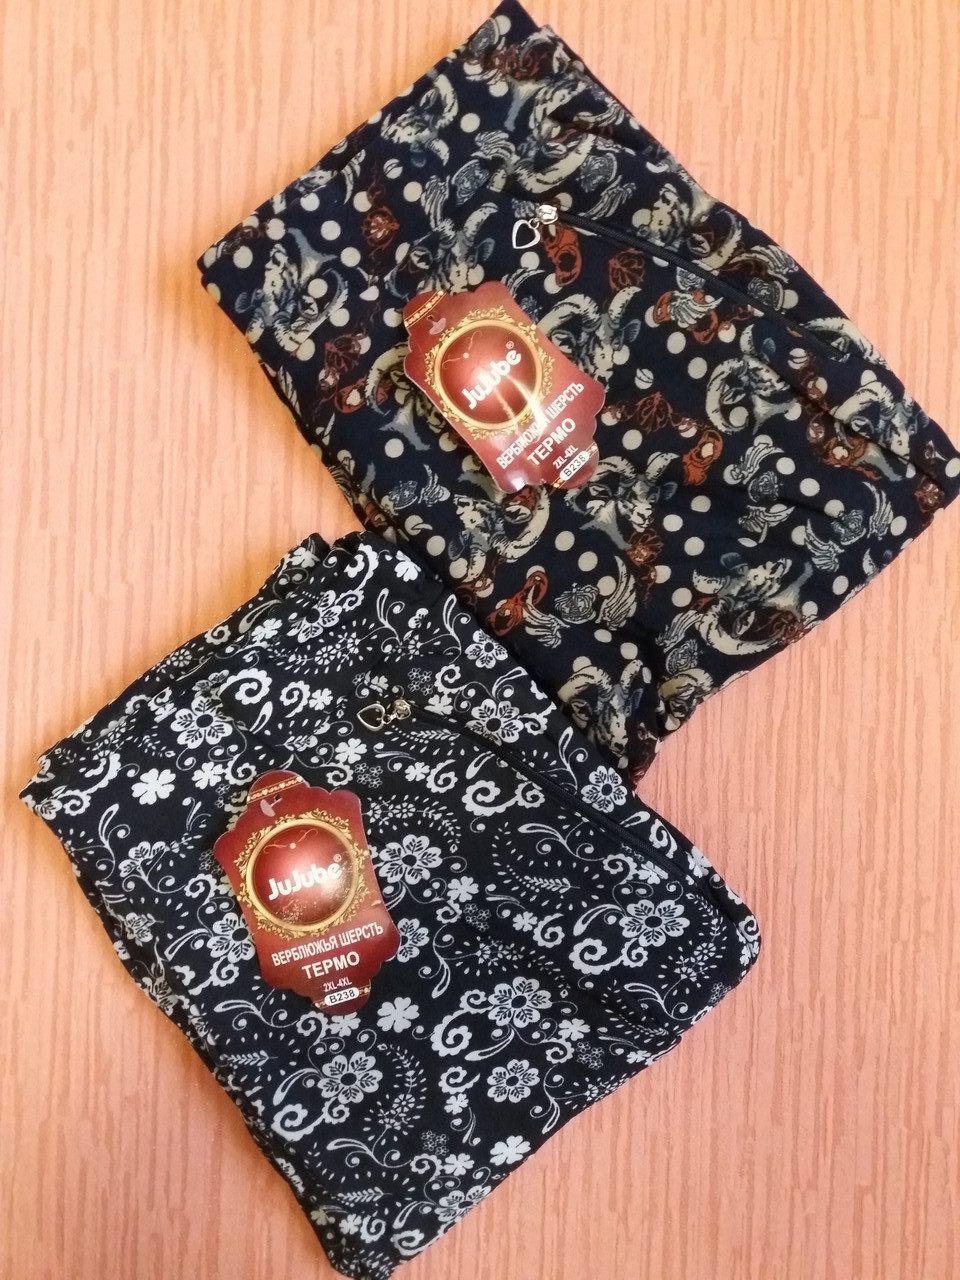 Лосины штаны женские теплые на меху р.52-54;54-56. От 4шт по 79грн